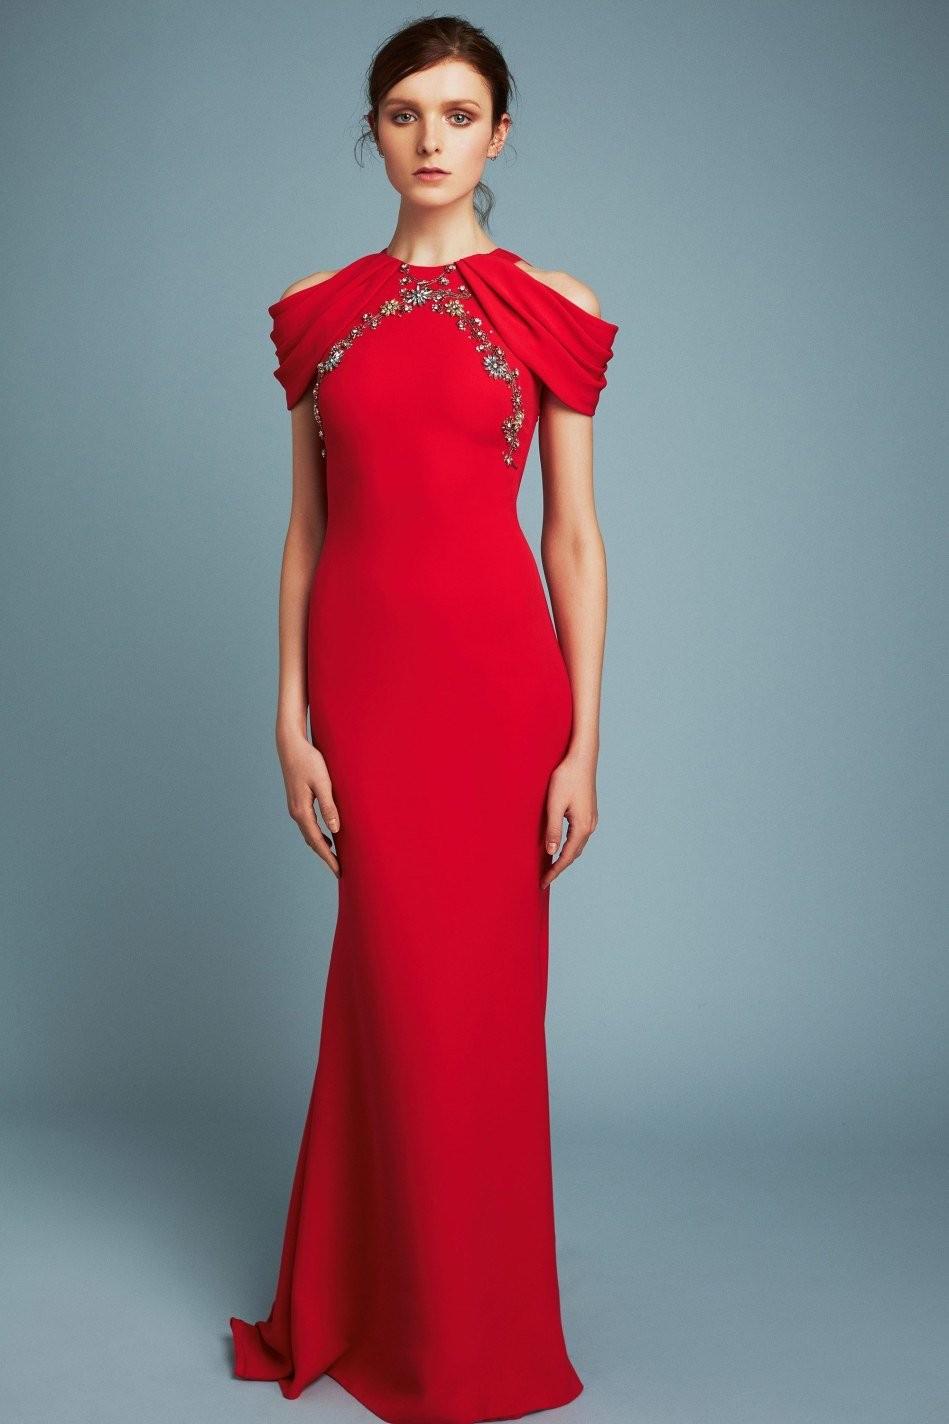 Что одеть на день Святого Валентина 2019: платье по фигуре красное длинное